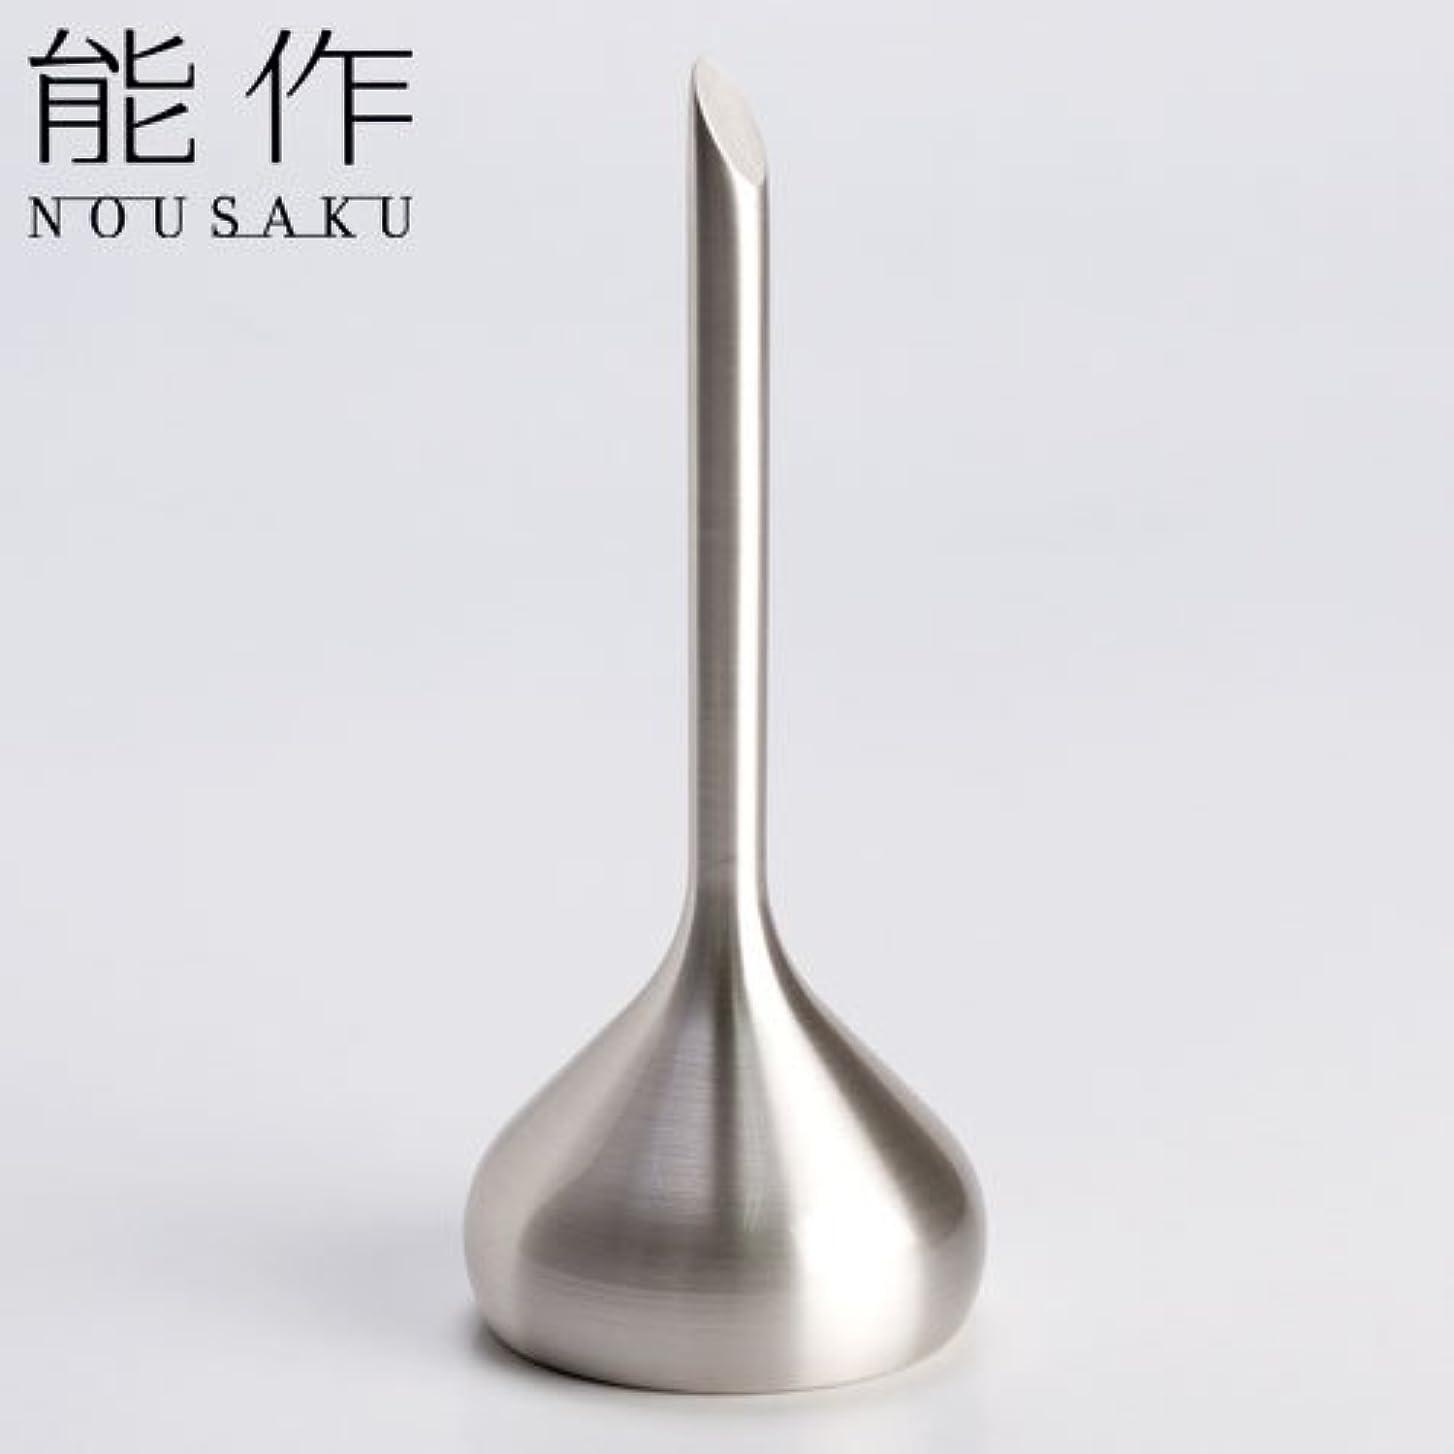 どきどき起点待つ能作 ベル(呼び鈴)オニオンシルバー能作真鍮製のインテリア?ホームアクセサリー卓上ベル